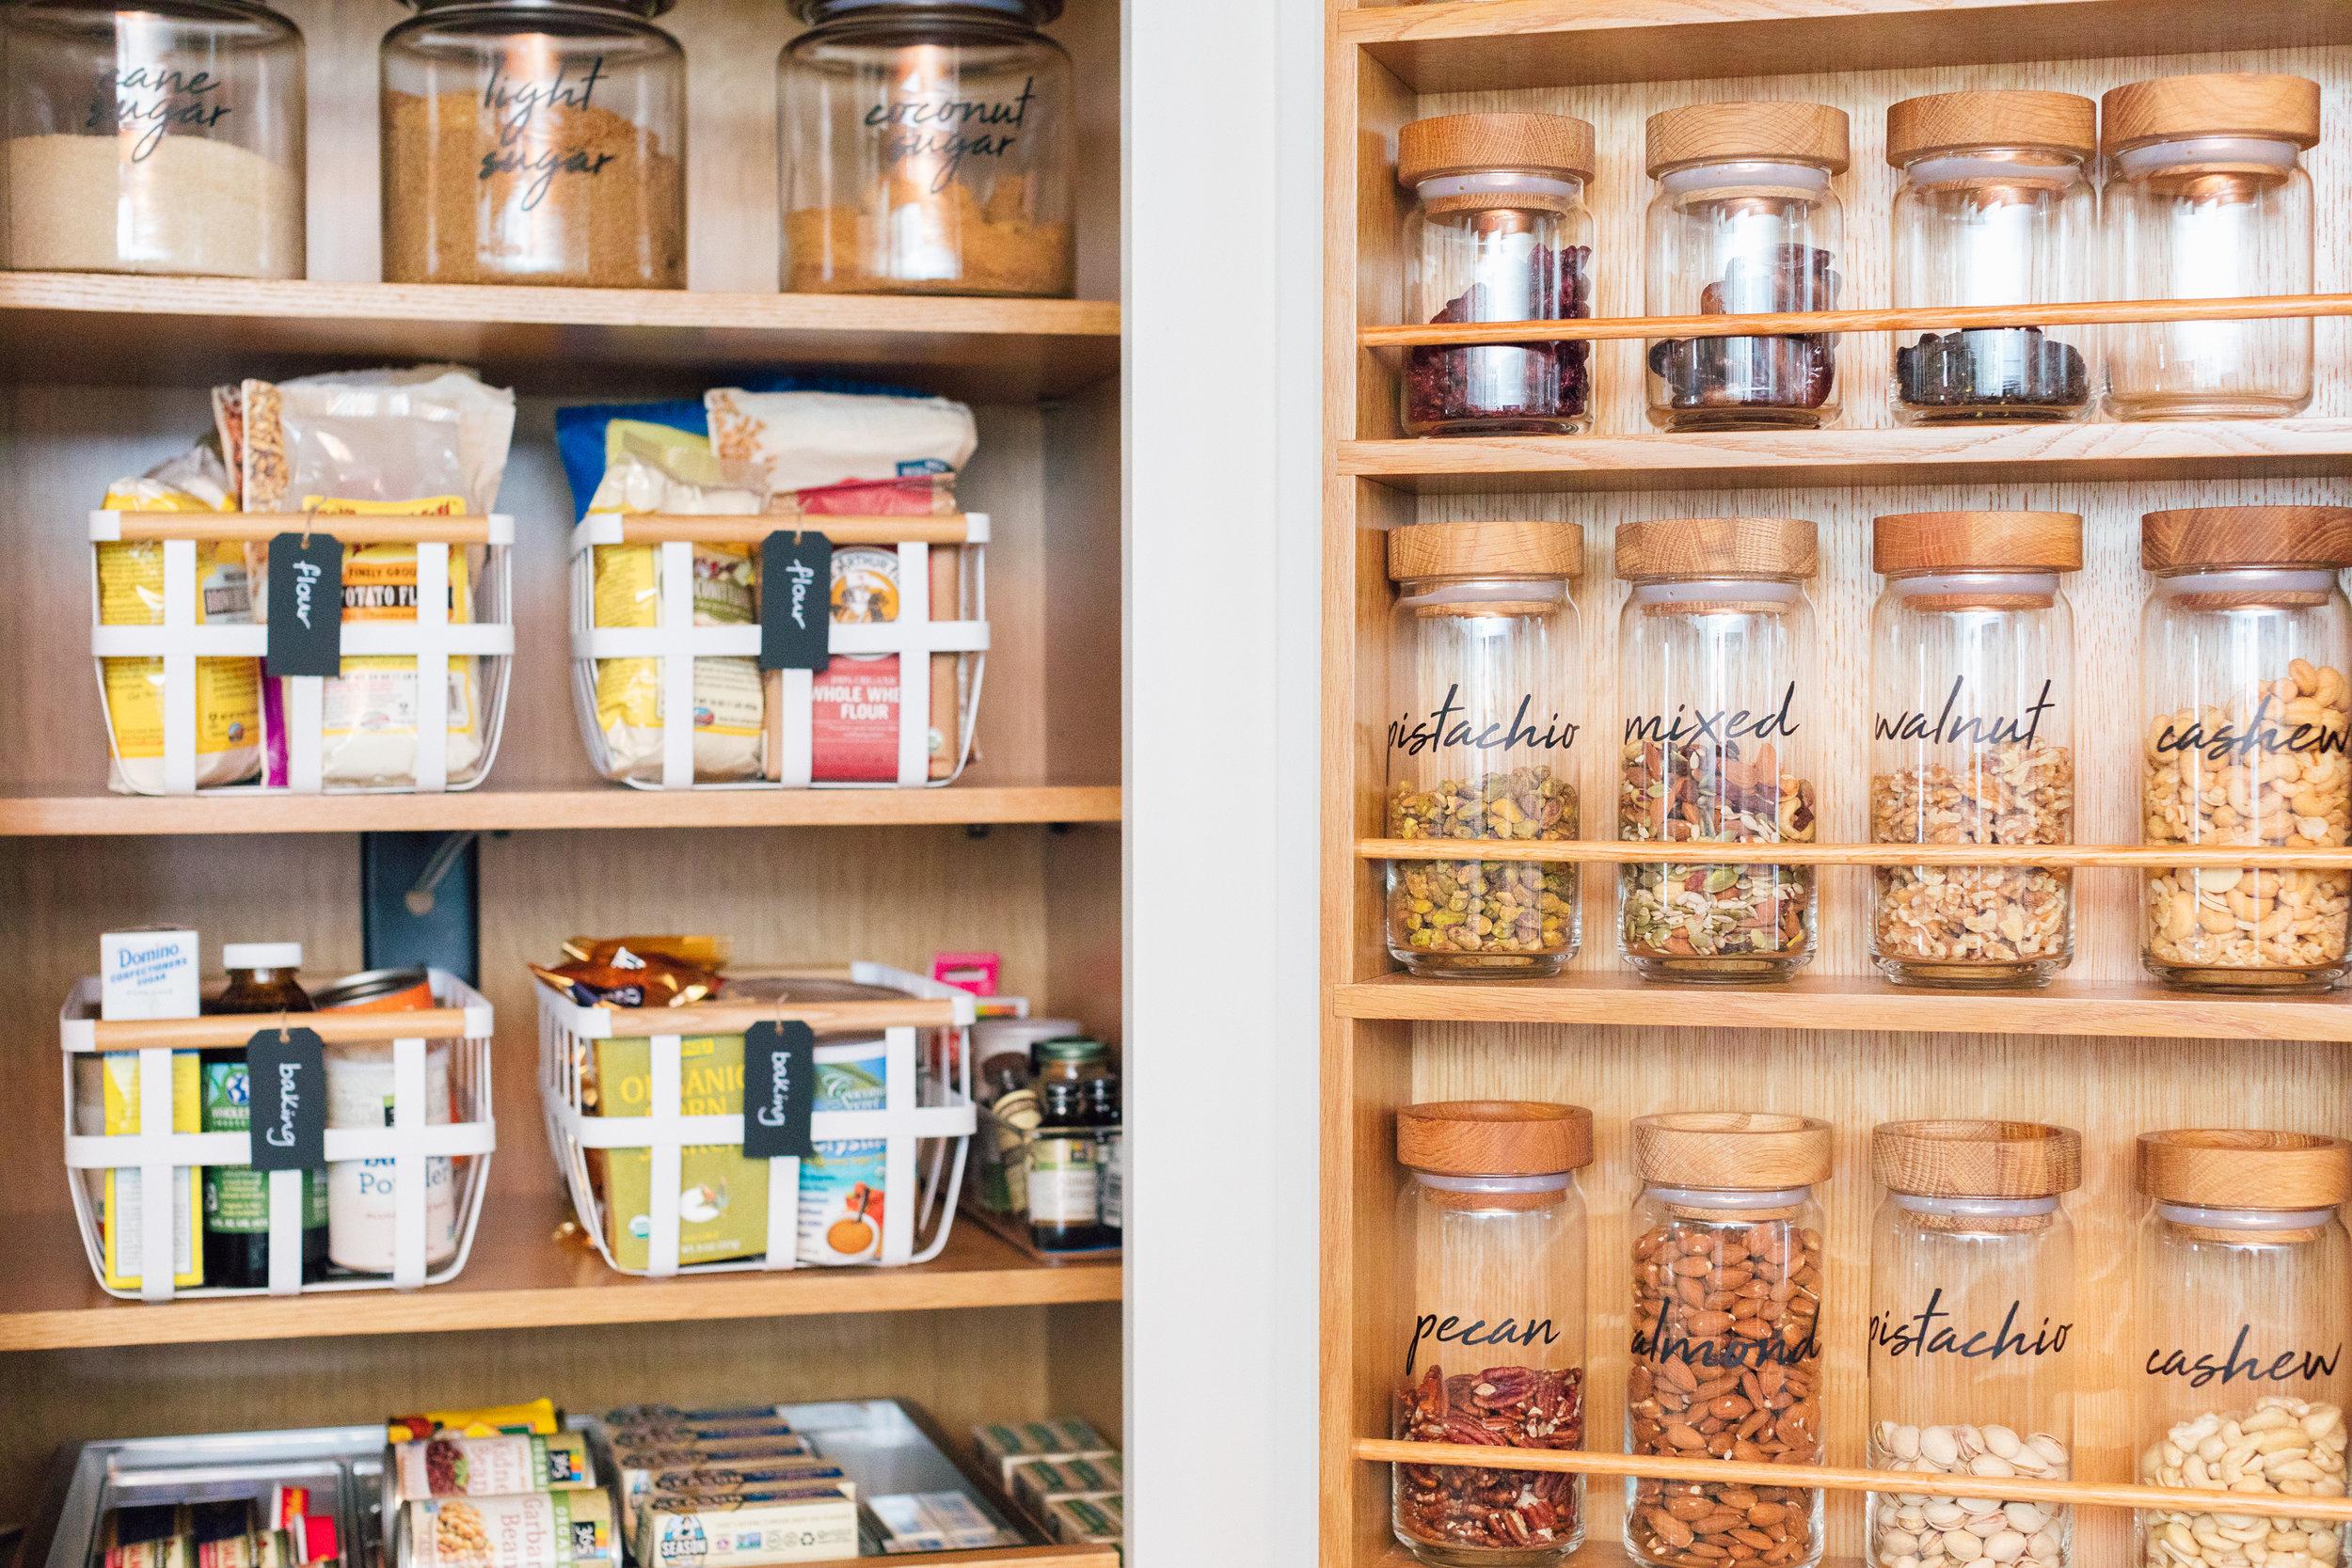 haven home organizer organize pantry design kitchen interior